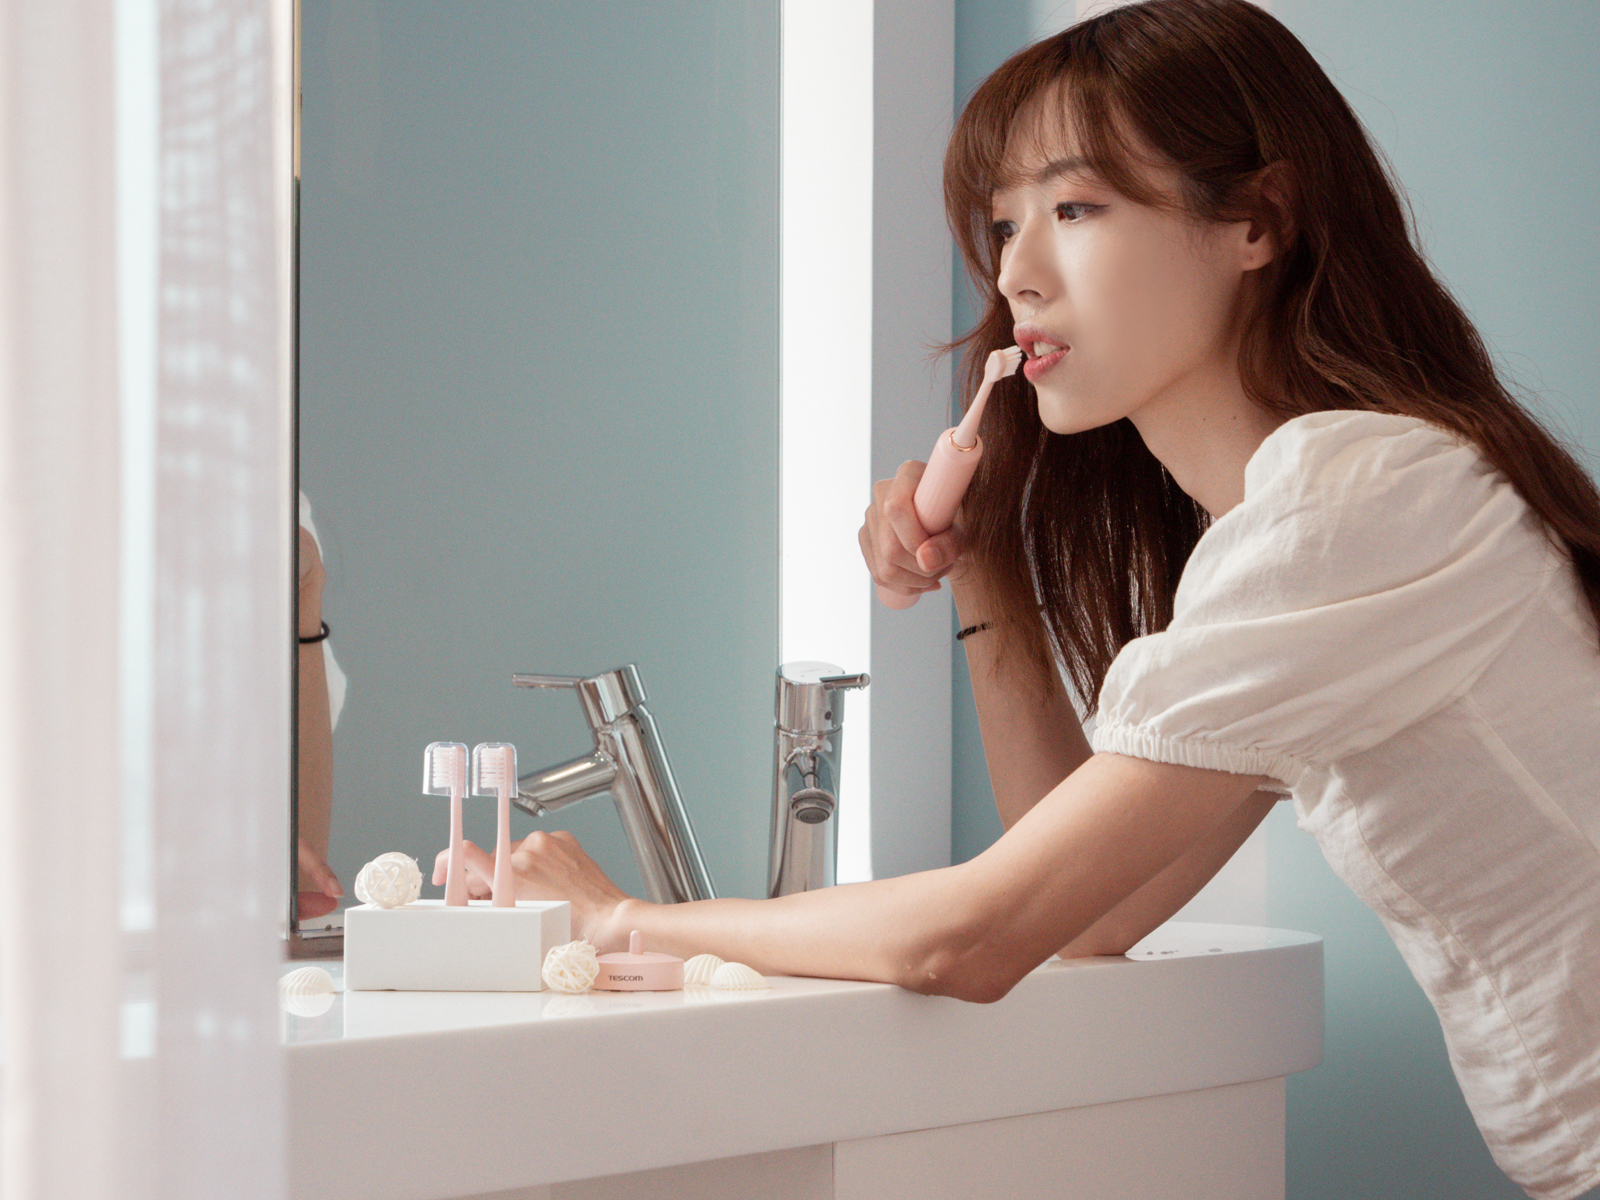 TESCOM 音波電動牙刷 TB1TW 最值得入手的第一支電動牙刷